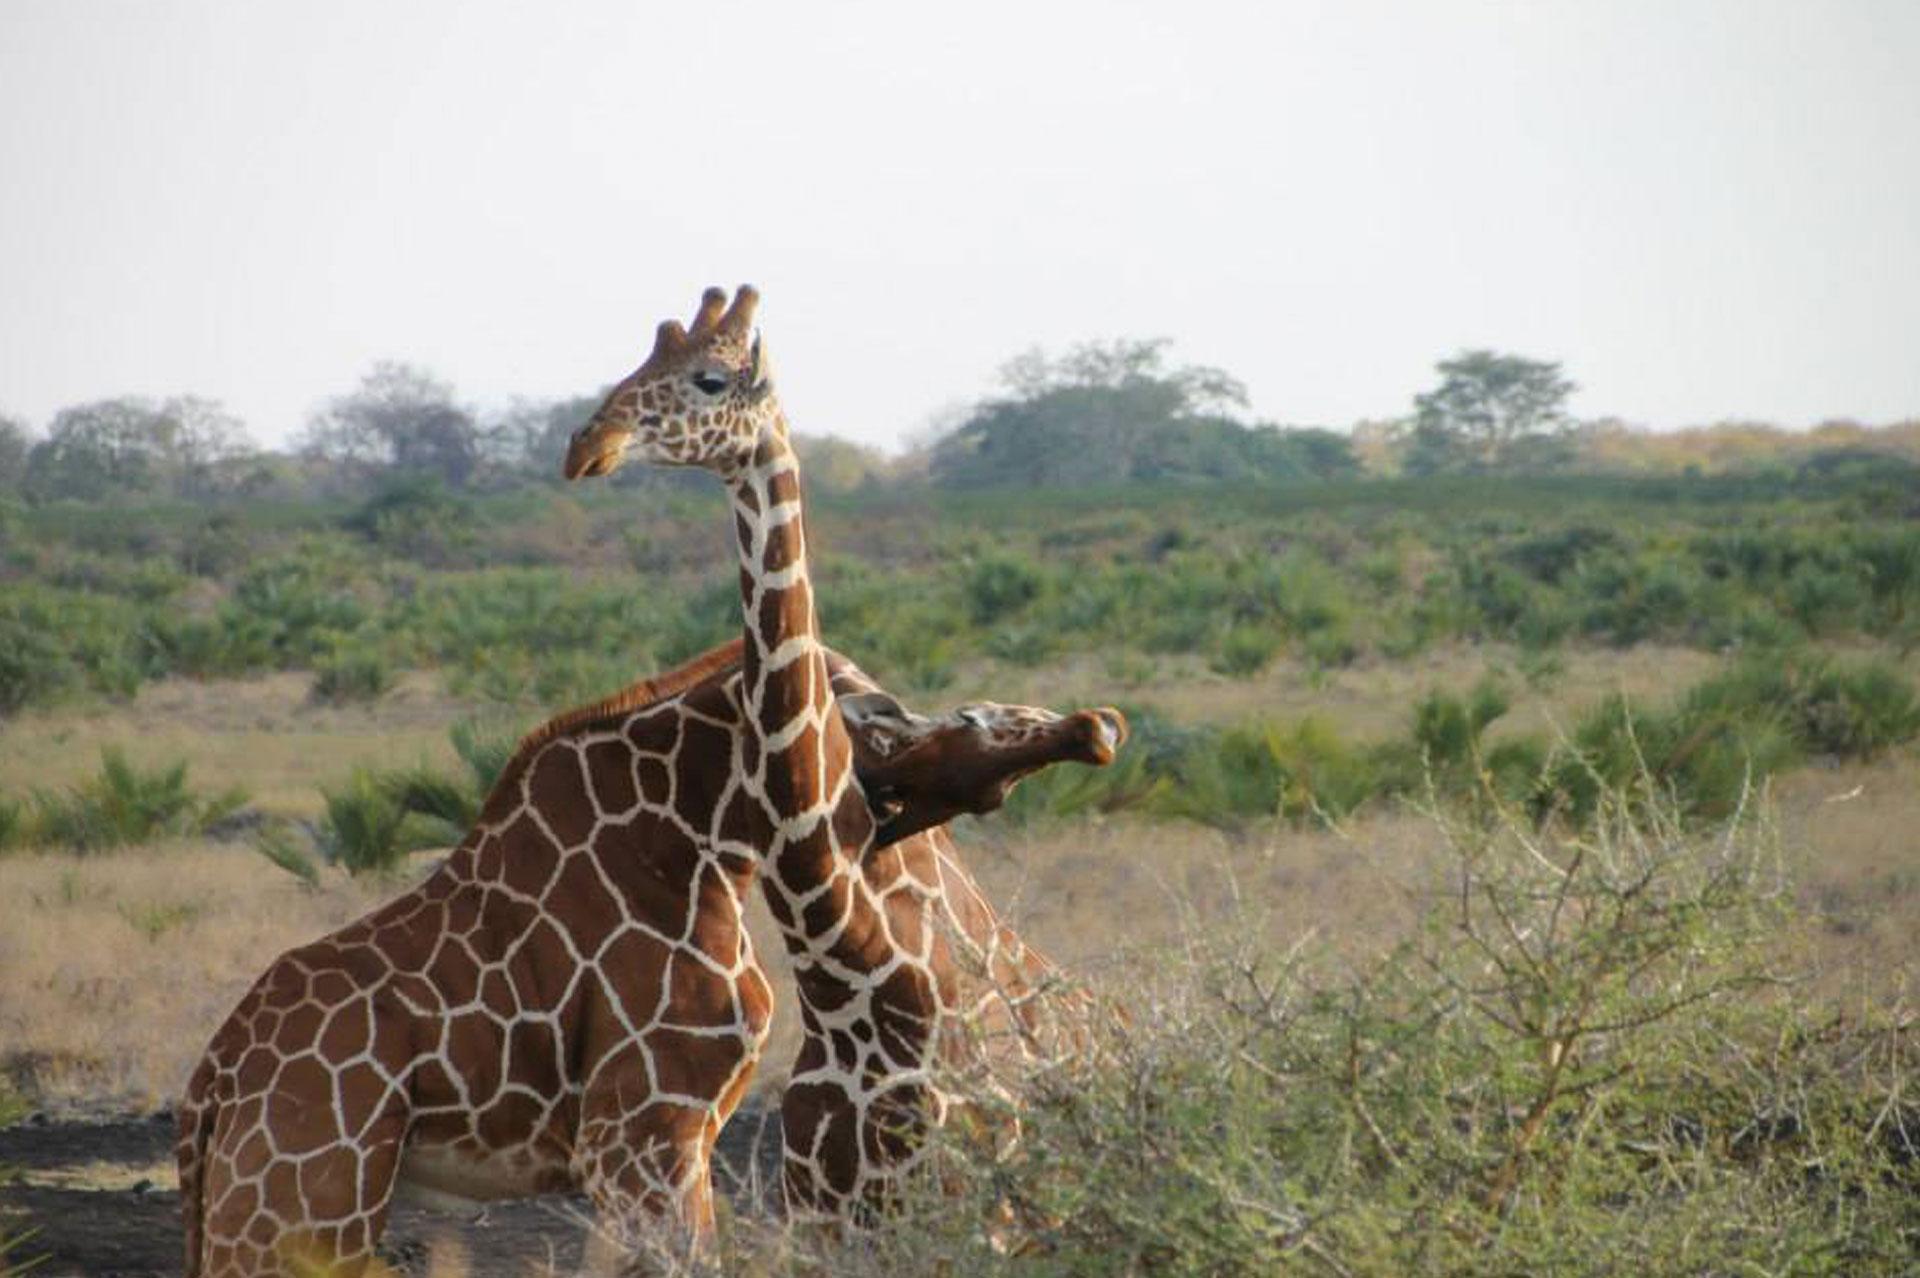 Diani_travel_center_tours_and_safaris_diani_tours_and_safaris_2_days_masai_mara_by_air_jpg